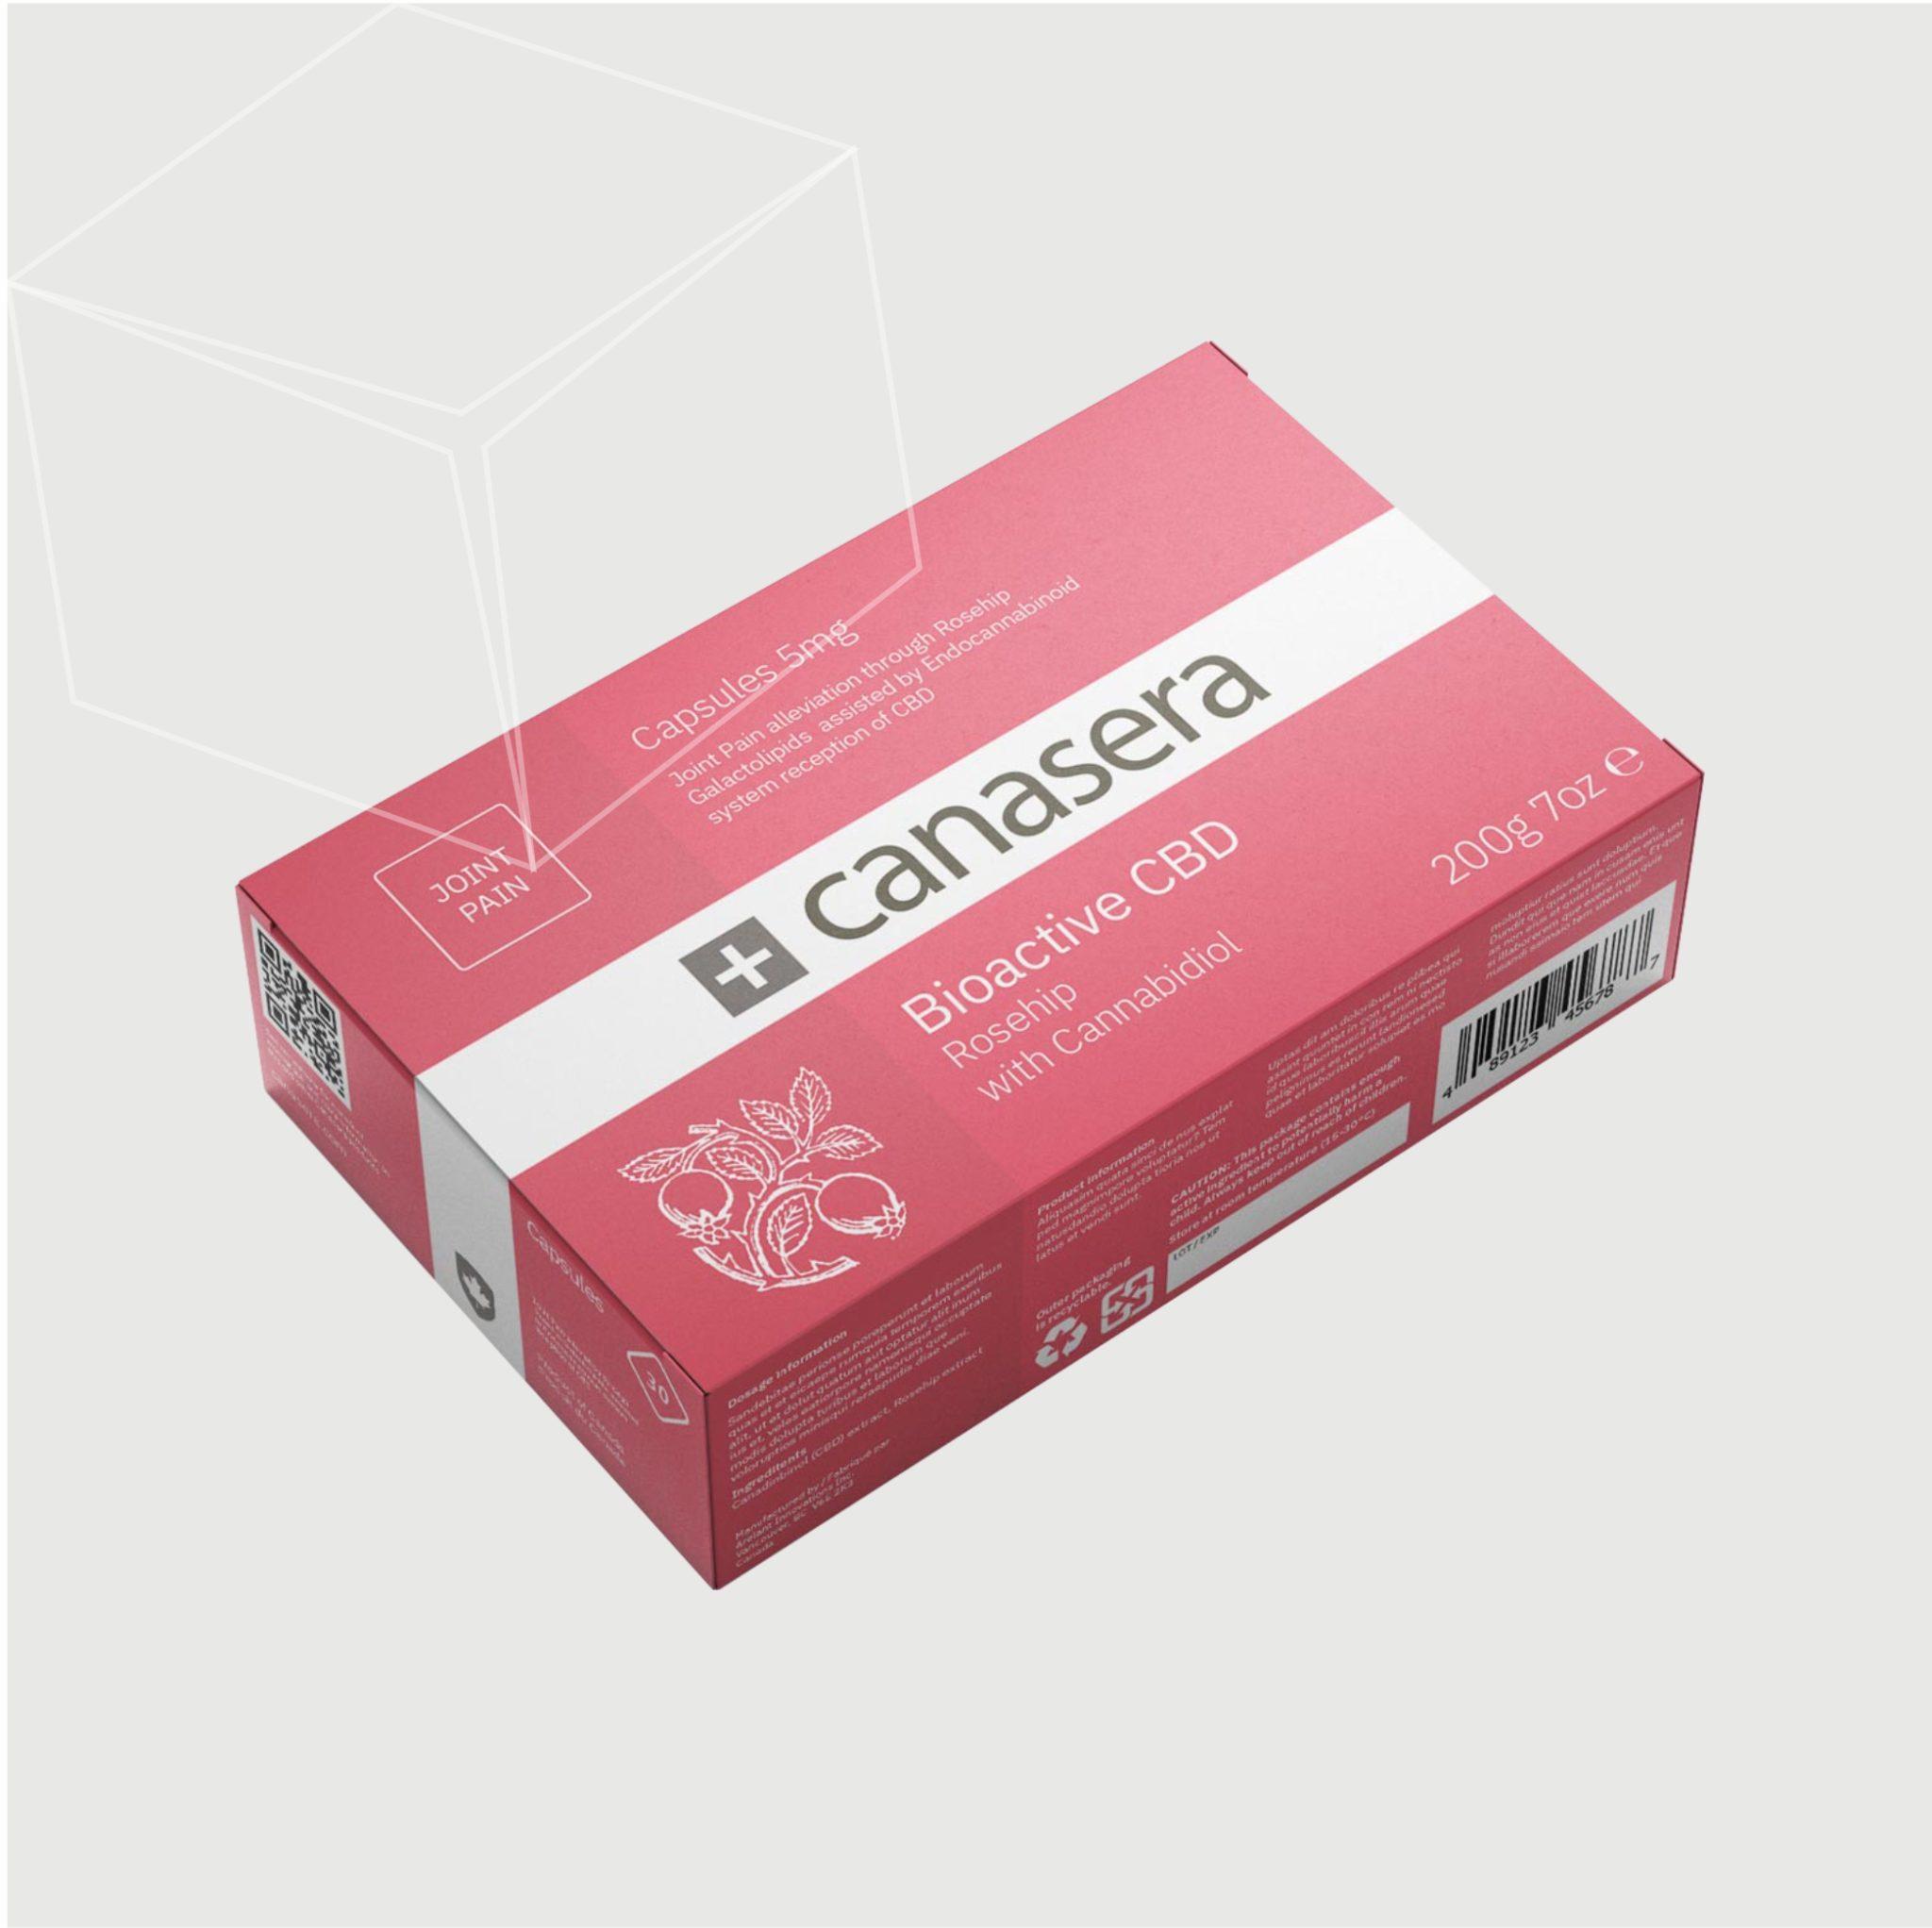 CBD Capsules Boxes